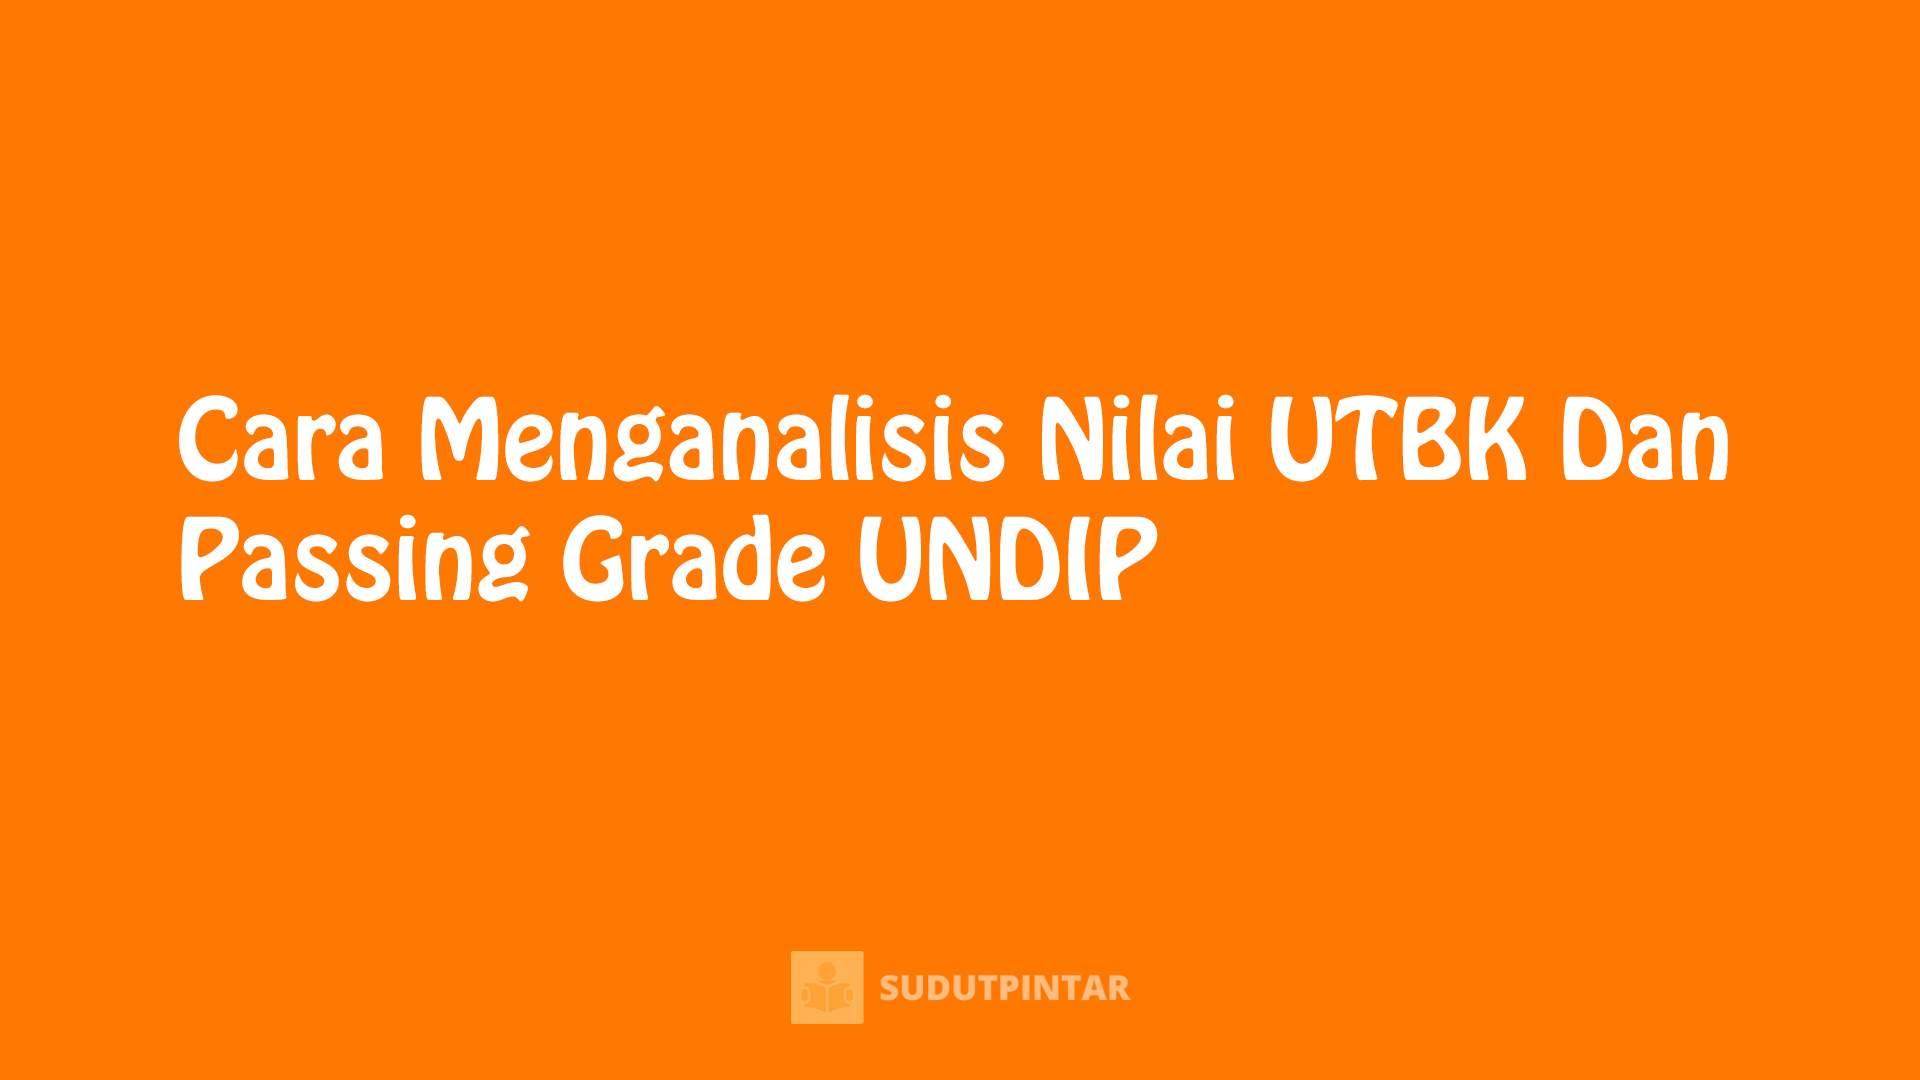 Cara Menganalisis Nilai UTBK Dan Passing Grade UNDIP